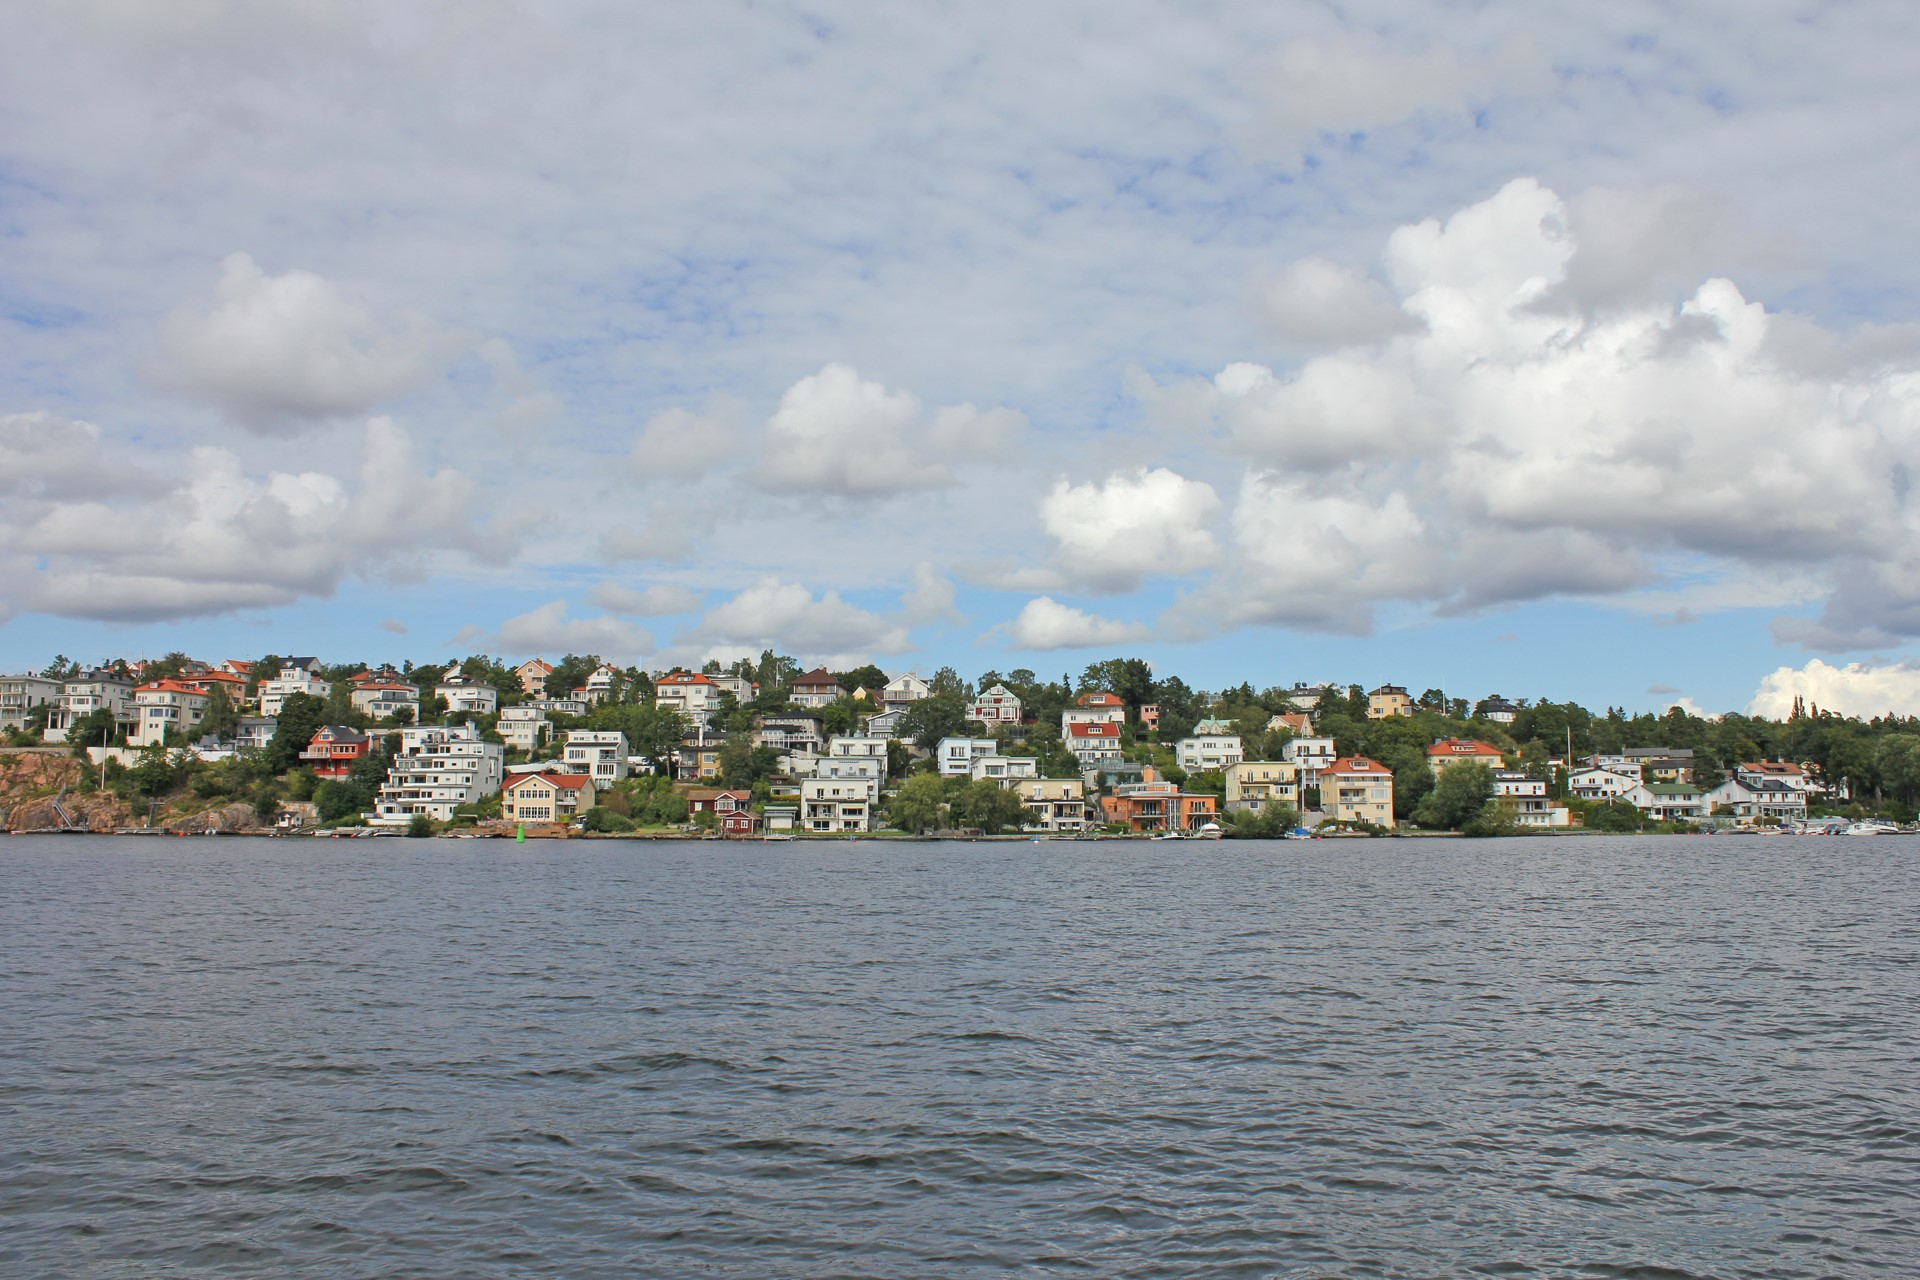 Vy från båt mot Höglandet